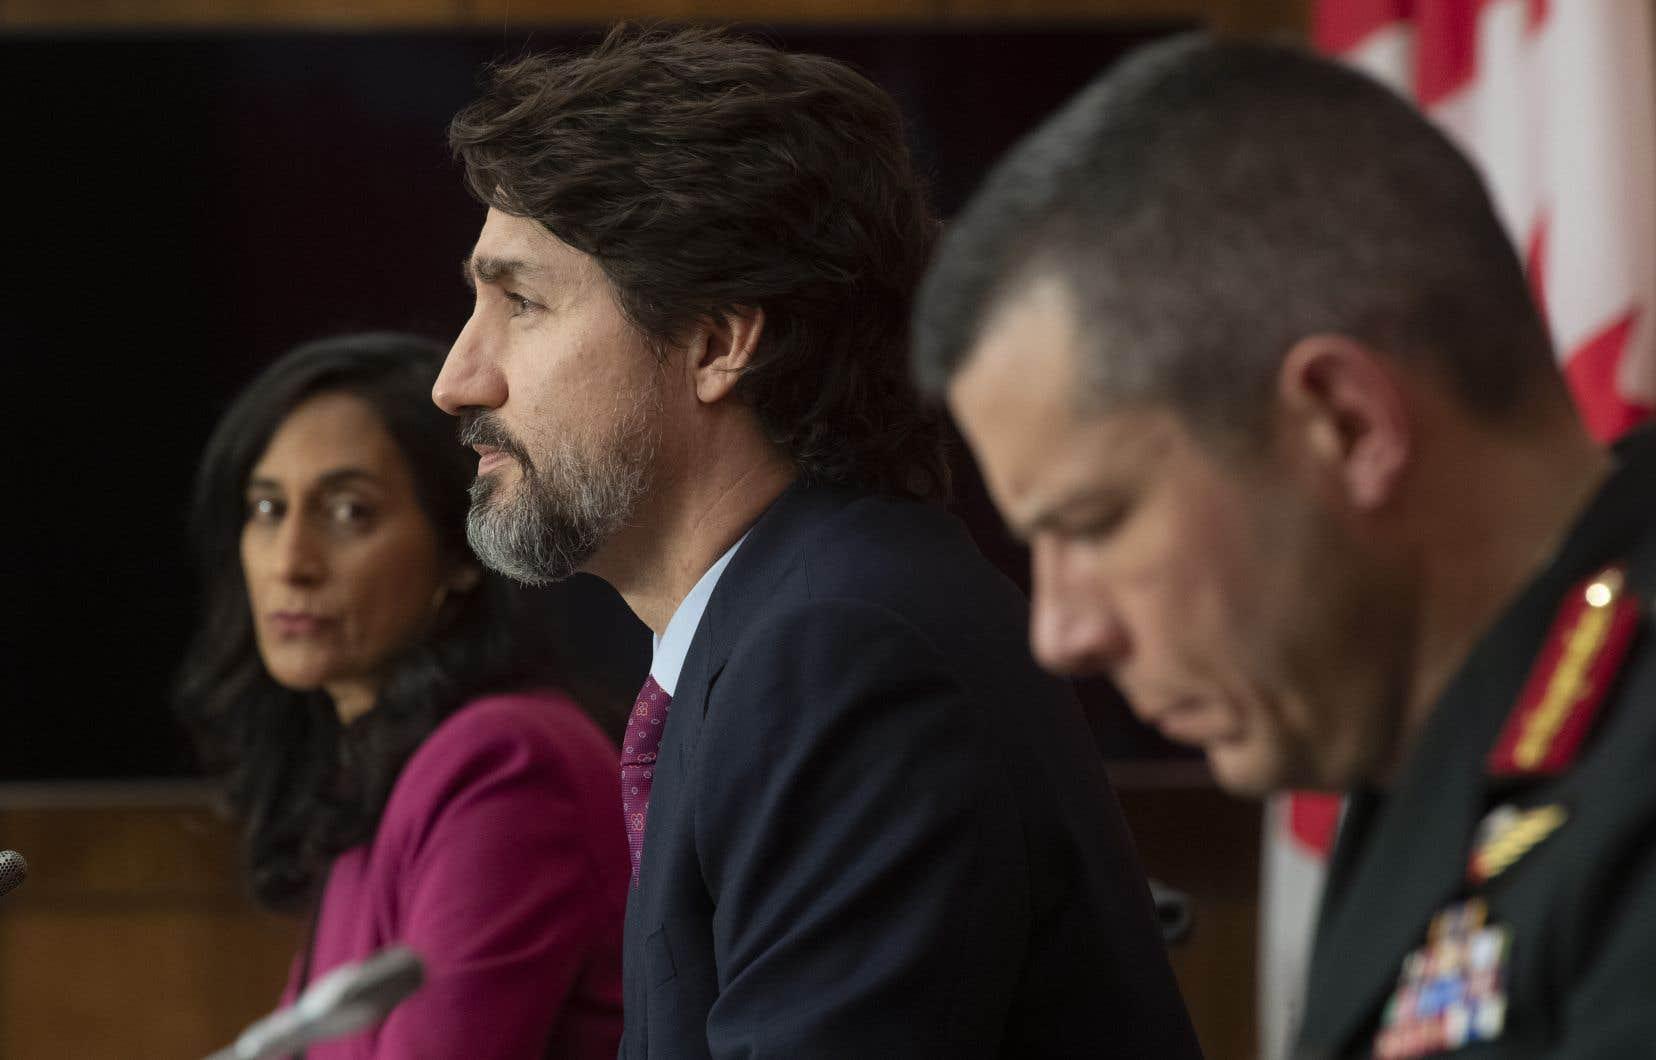 Le premier ministre Justin Trudeau, en compagnie de la ministre des Services publics et de l'Approvisionnement, Anita Anand, et du major général Dany Fortin